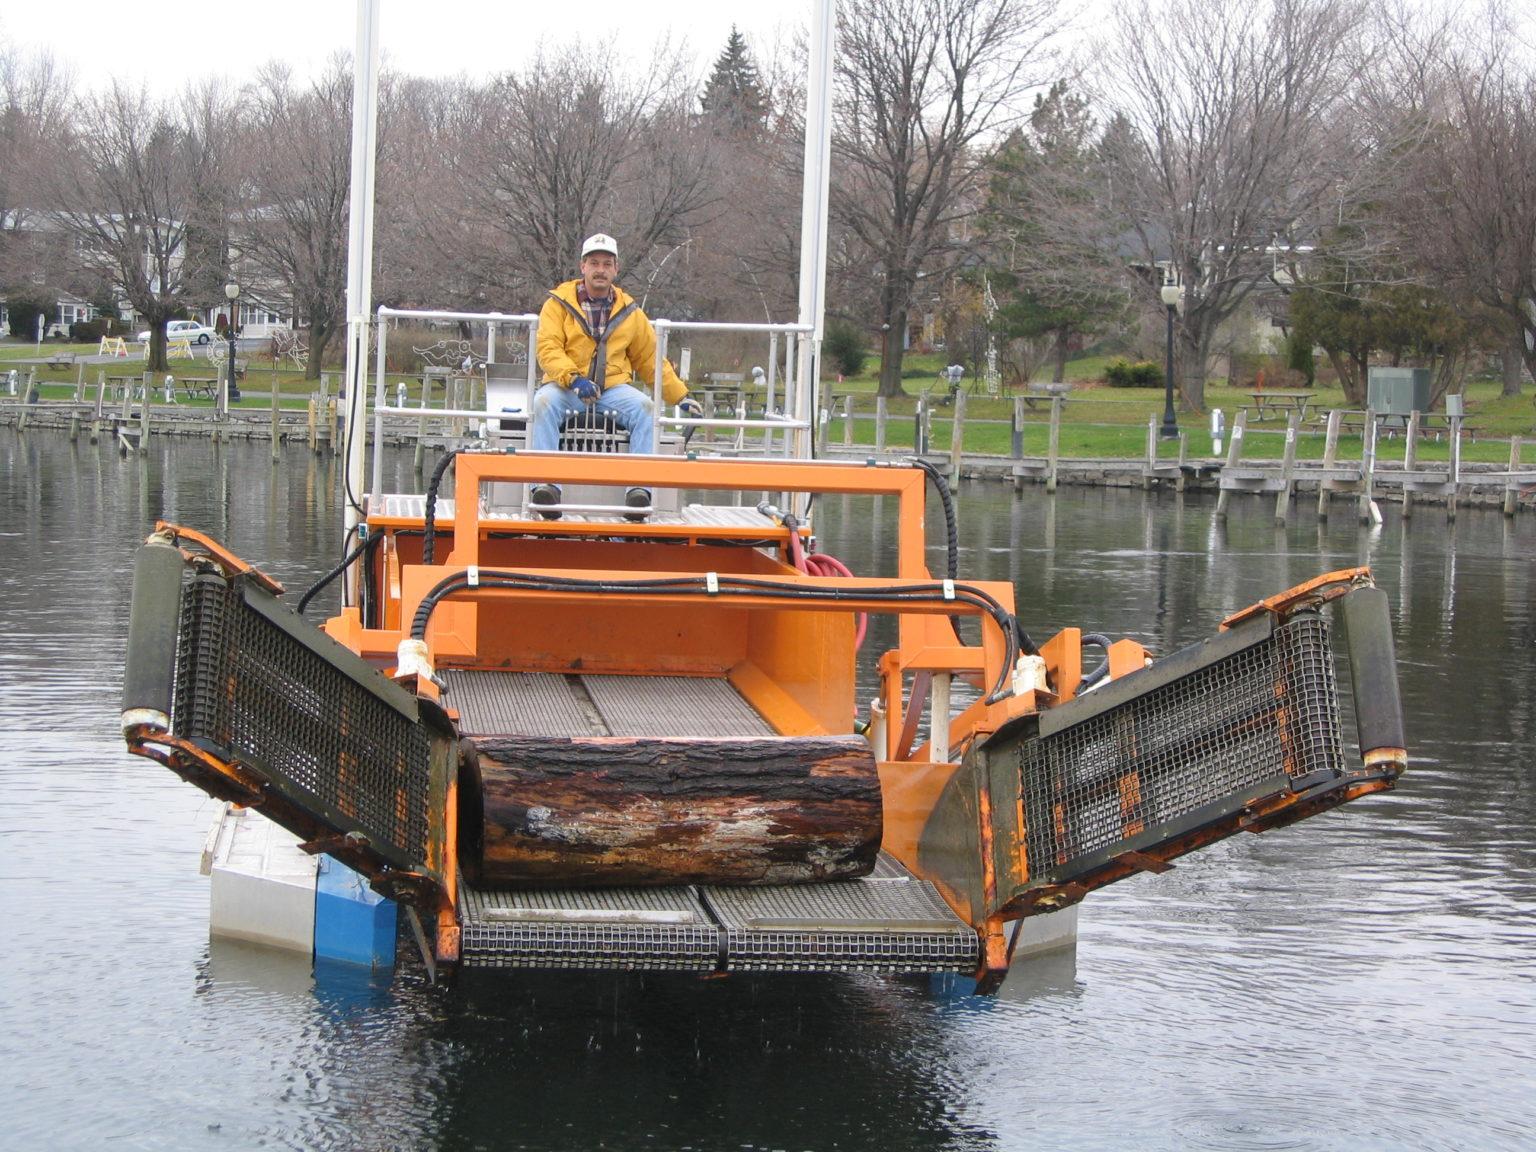 MC 202 picking up debris larger debris